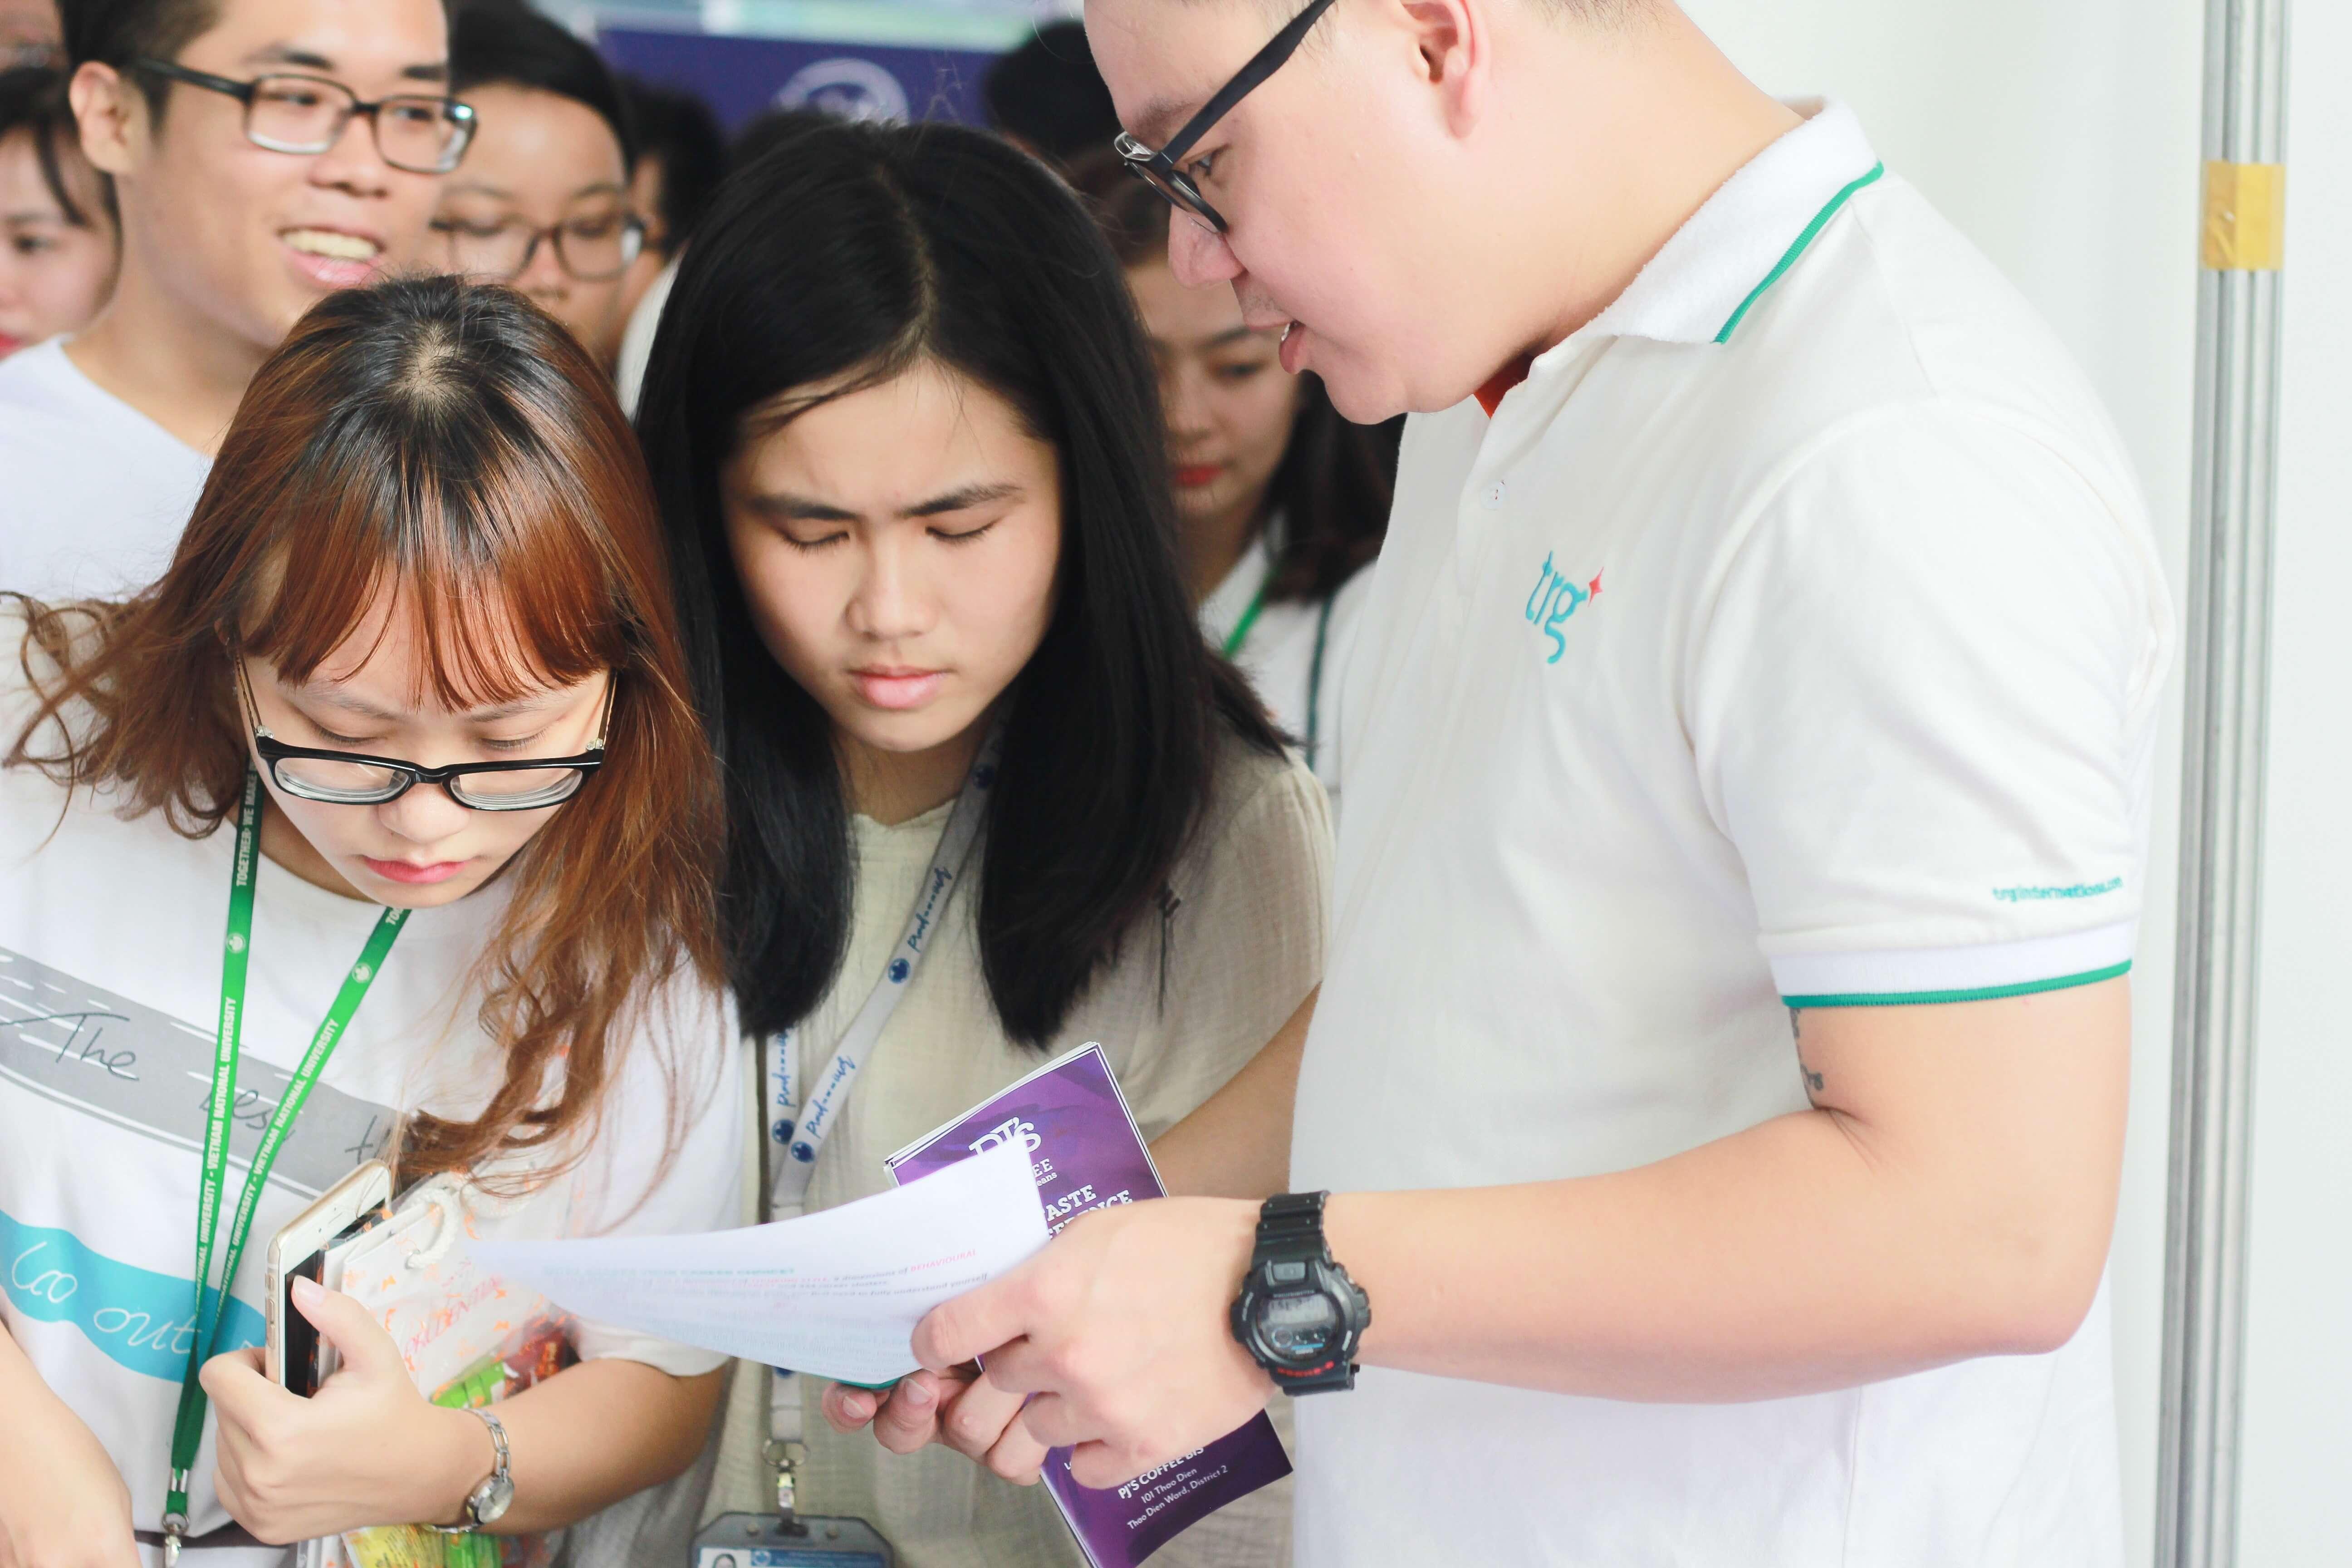 TRG at IU Job Fair 2018